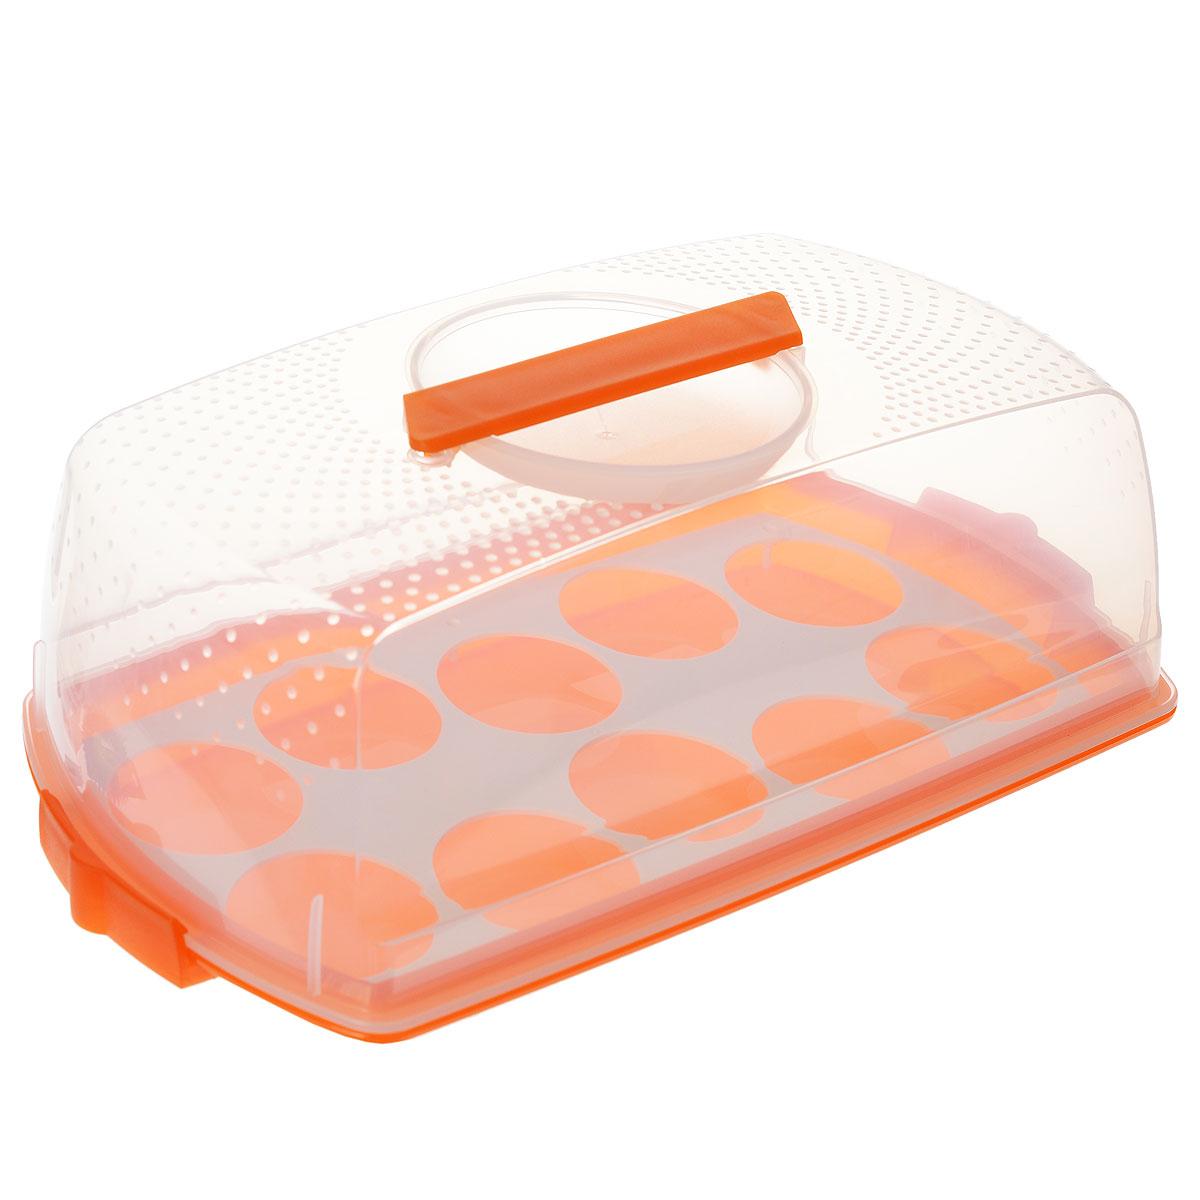 Тортница Cosmoplast Оазис, с защелками, цвет: прозрачный, оранжевый, 37 см х 19 см115510Тортница Cosmoplast Оазис изготовлена из высококачественного прочного пищевого пластика. Она состоит из прямоугольного поддона и прозрачной крышки. Благодаря двум защелкам крышка плотно сидит на подносе, что позволяет сохранить первоначальную свежесть торта и защитить его от посторонних запахов. Тортница имеет дополнительное пластиковое основание для удобной переноски небольших кексов и пирожных. Крышка тортницы снабжена эргономичной ручкой для комфортной переноски. Размер поддона: 37 см х 19 см. Высота борта: 2,5 см.Высота крышки: 10,5 см.